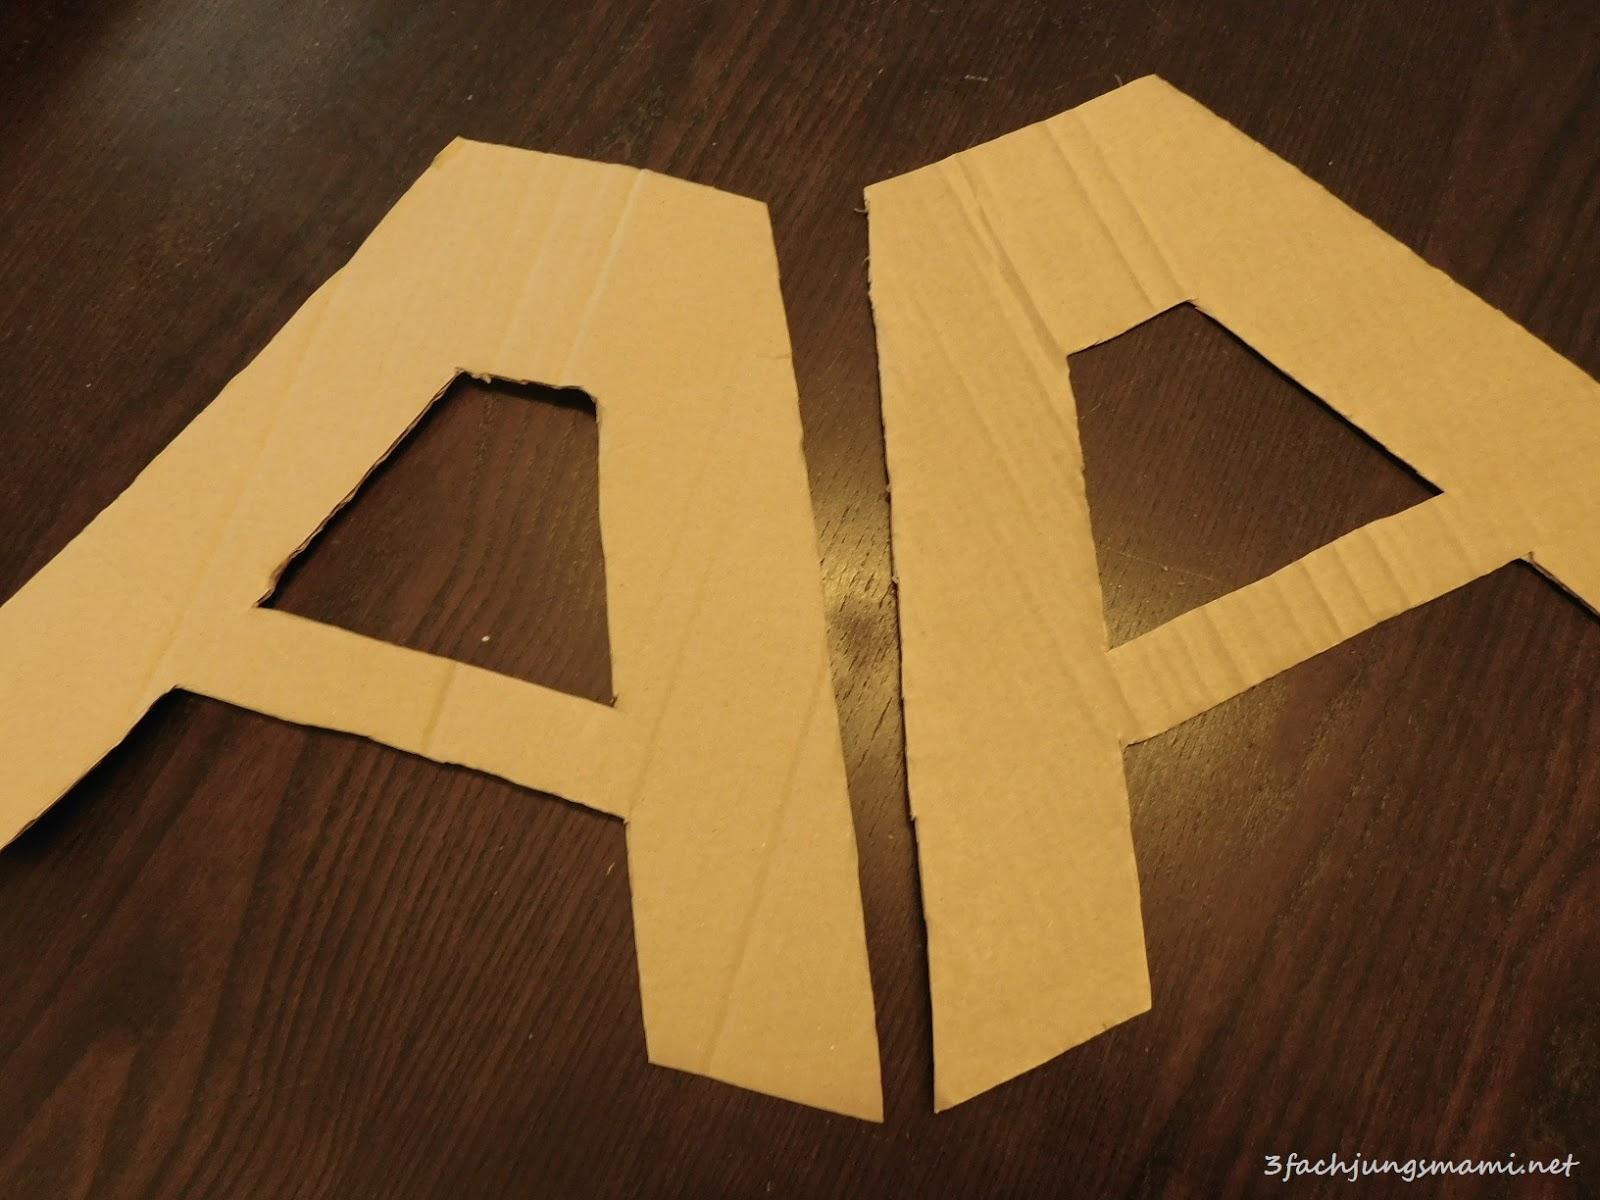 DIY Dekobuchstaben aus Karton - 3-fach Jungsmami